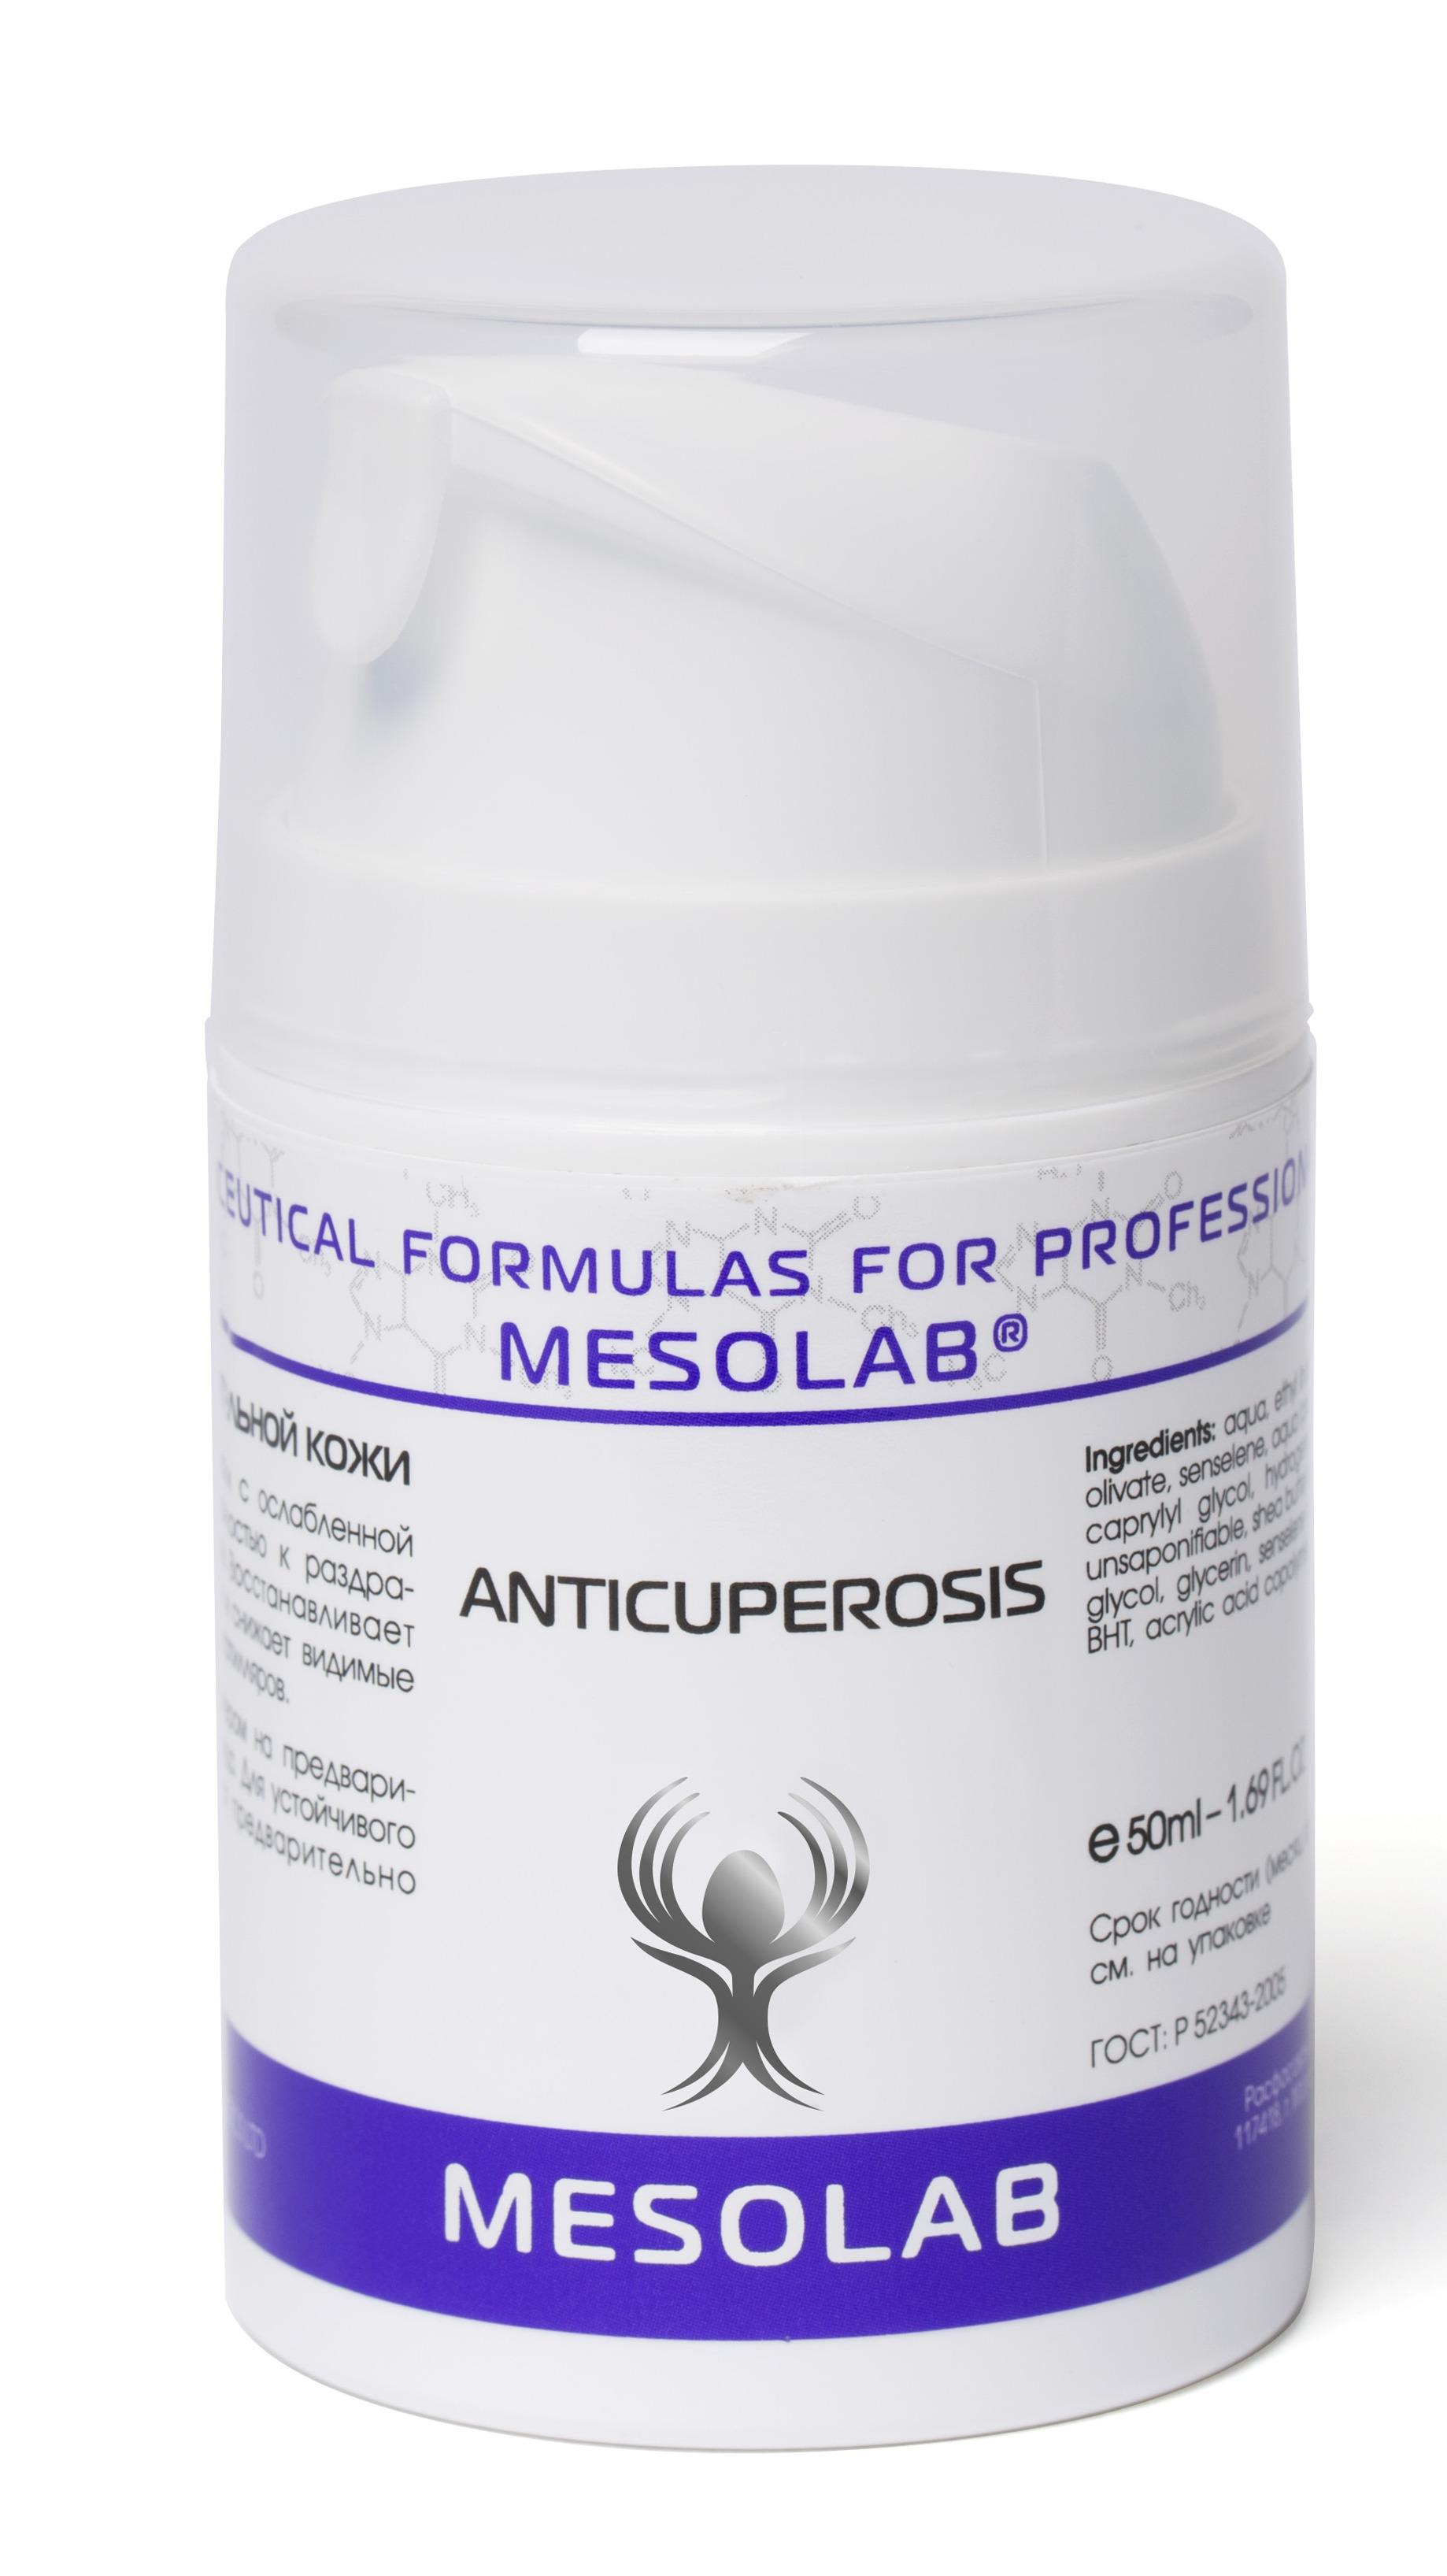 MESOLAB Крем для чувствительной кожи / ANTICUPEROSIS 50 мл -  Кремы